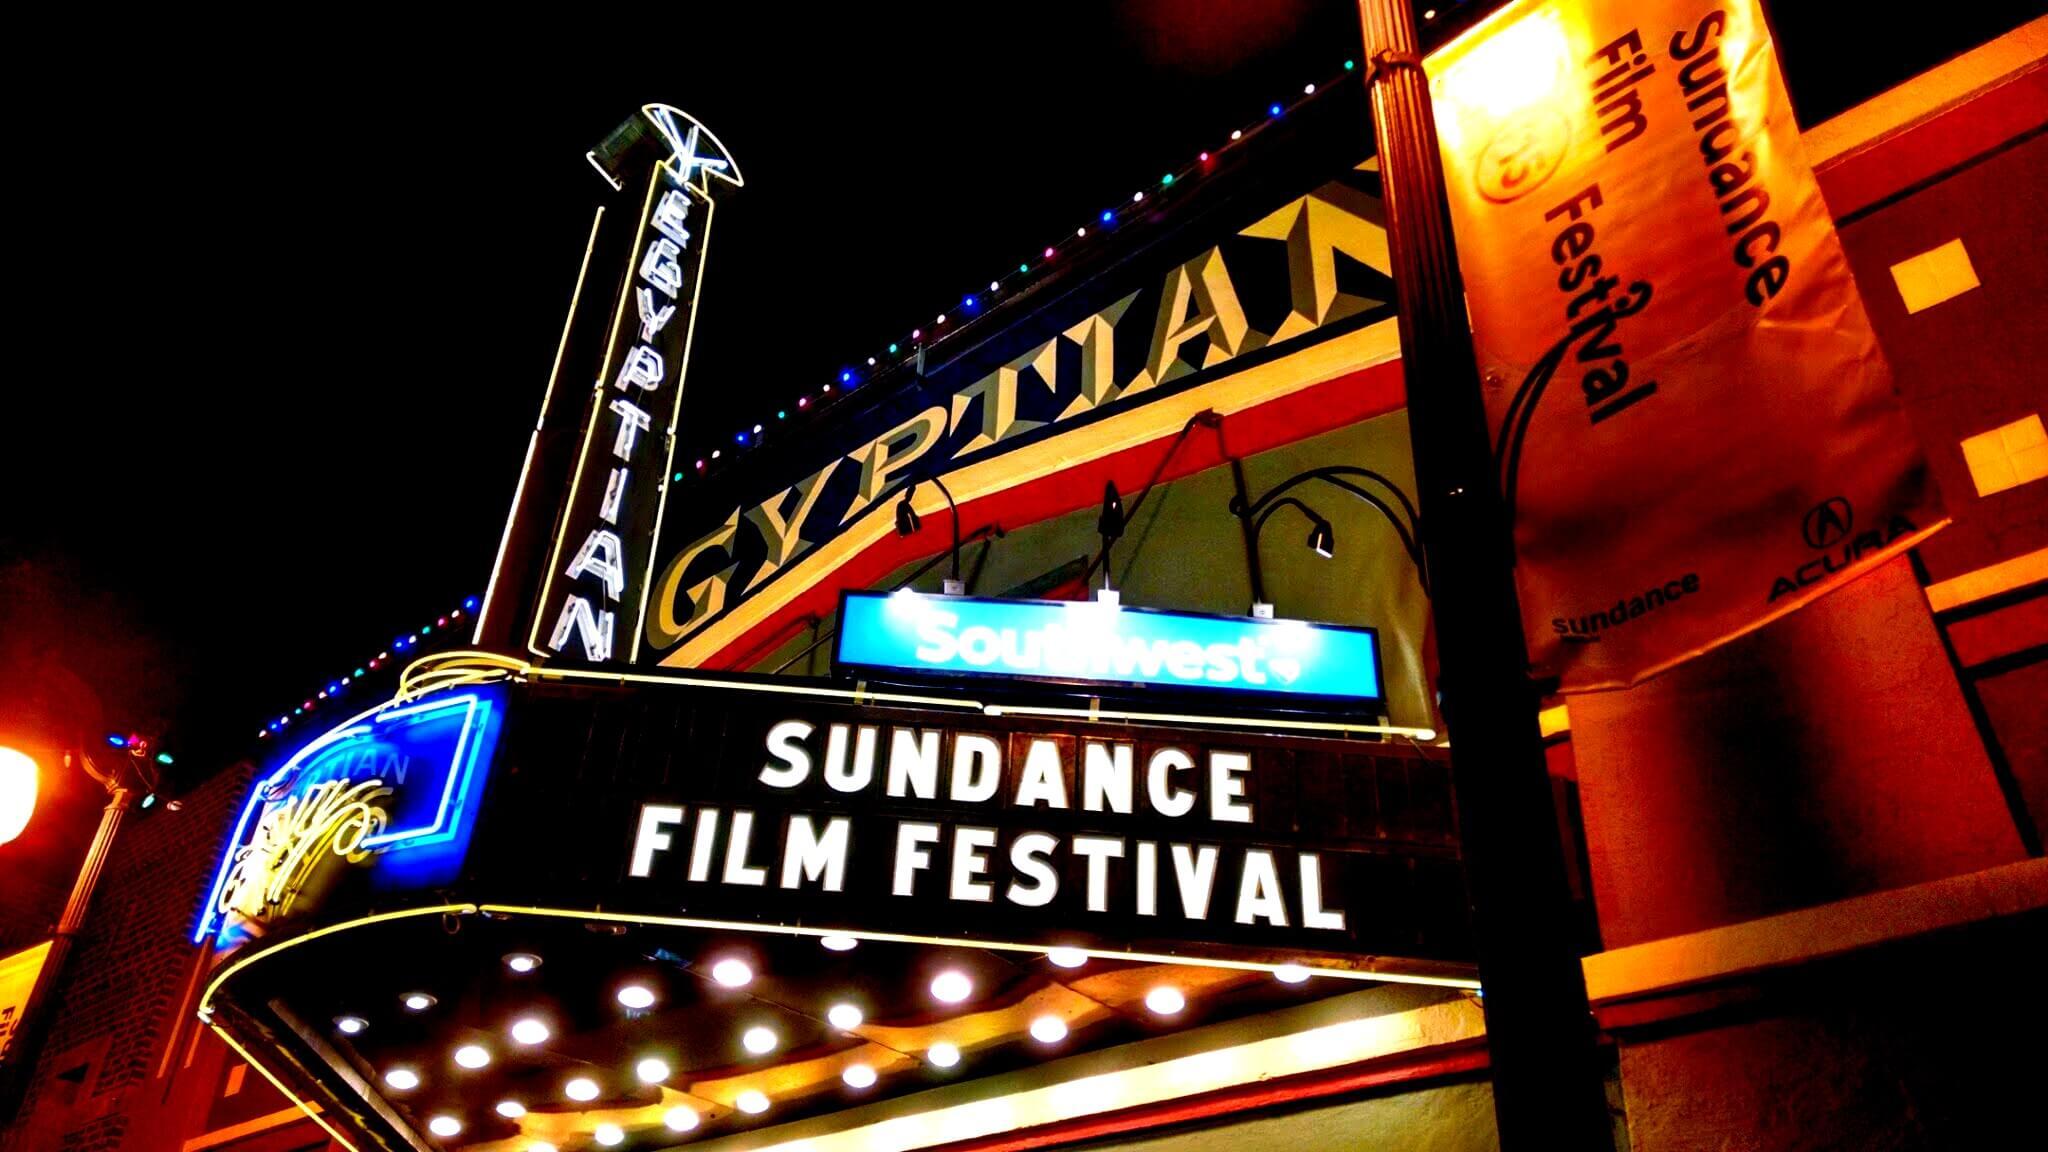 جشنواره فیلم ساندنس - بزرگترین گردهمایی فیلم های مستقل